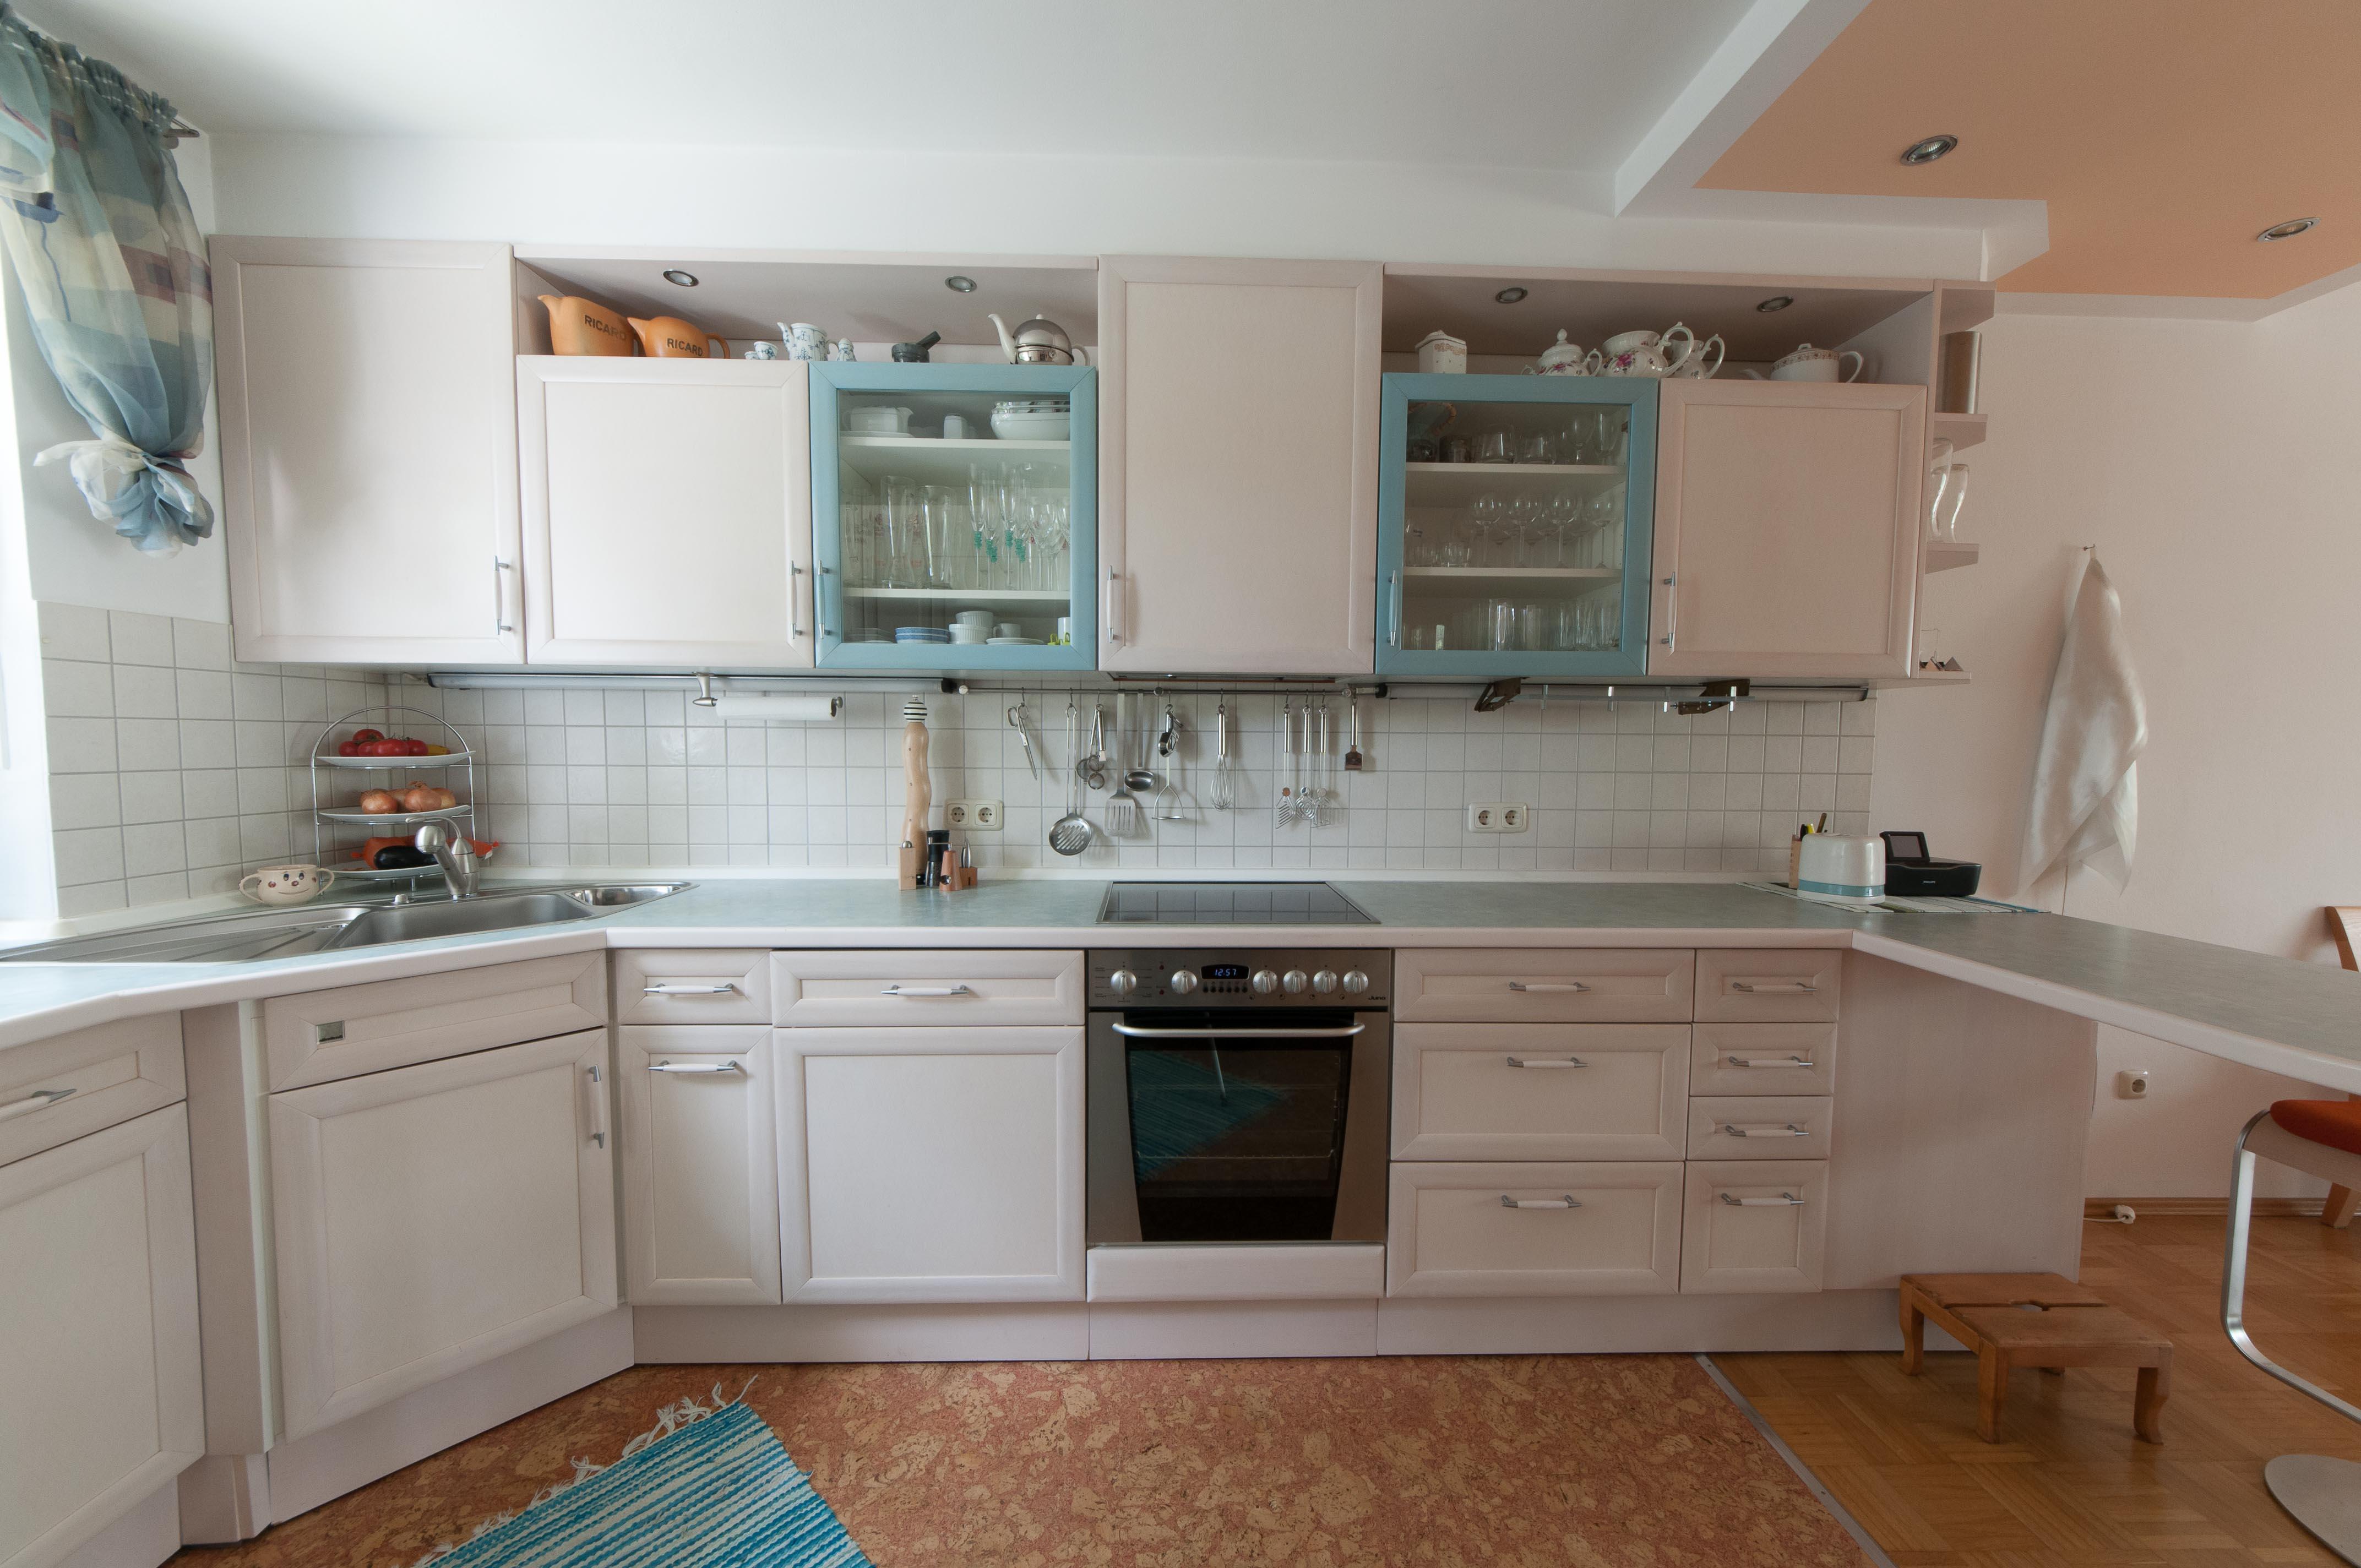 Entscheidungshilfe Küche hochglanz oder matt?Vorher Bild einer bald renovierten Küche